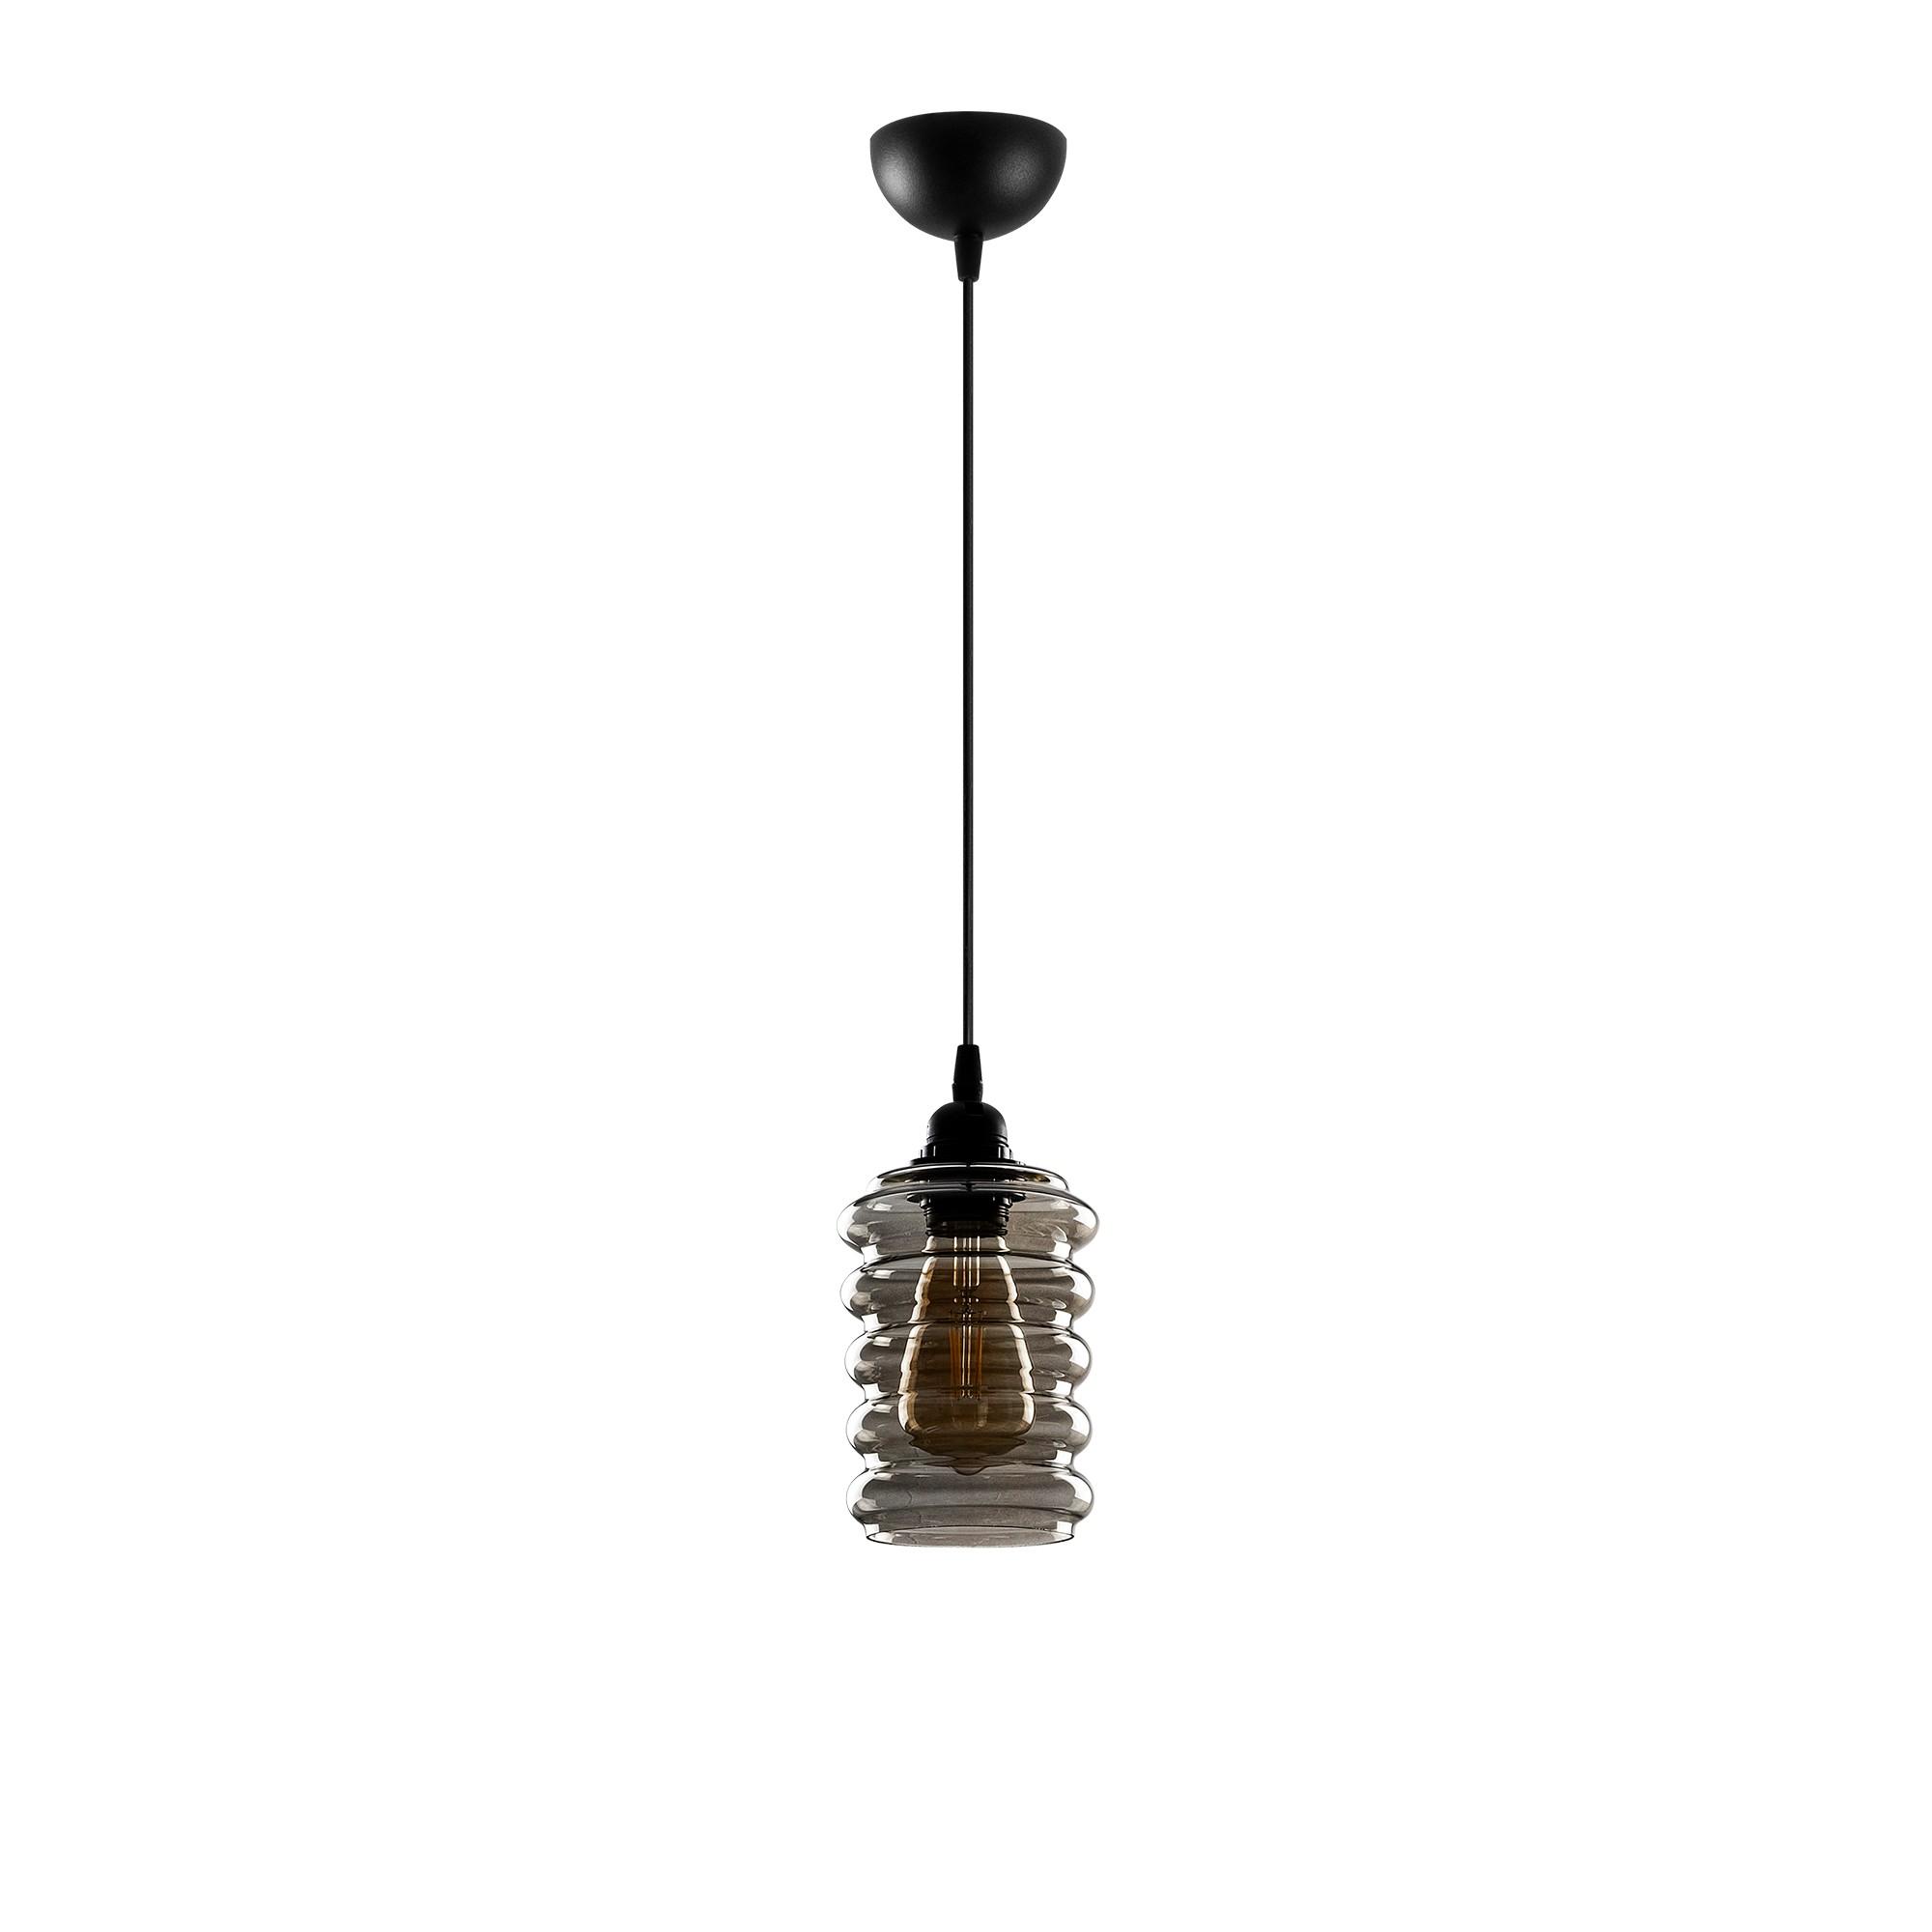 Hanglamp langwerpig smoked glass zwart e27 fitting - vooraanzicht lamp uit